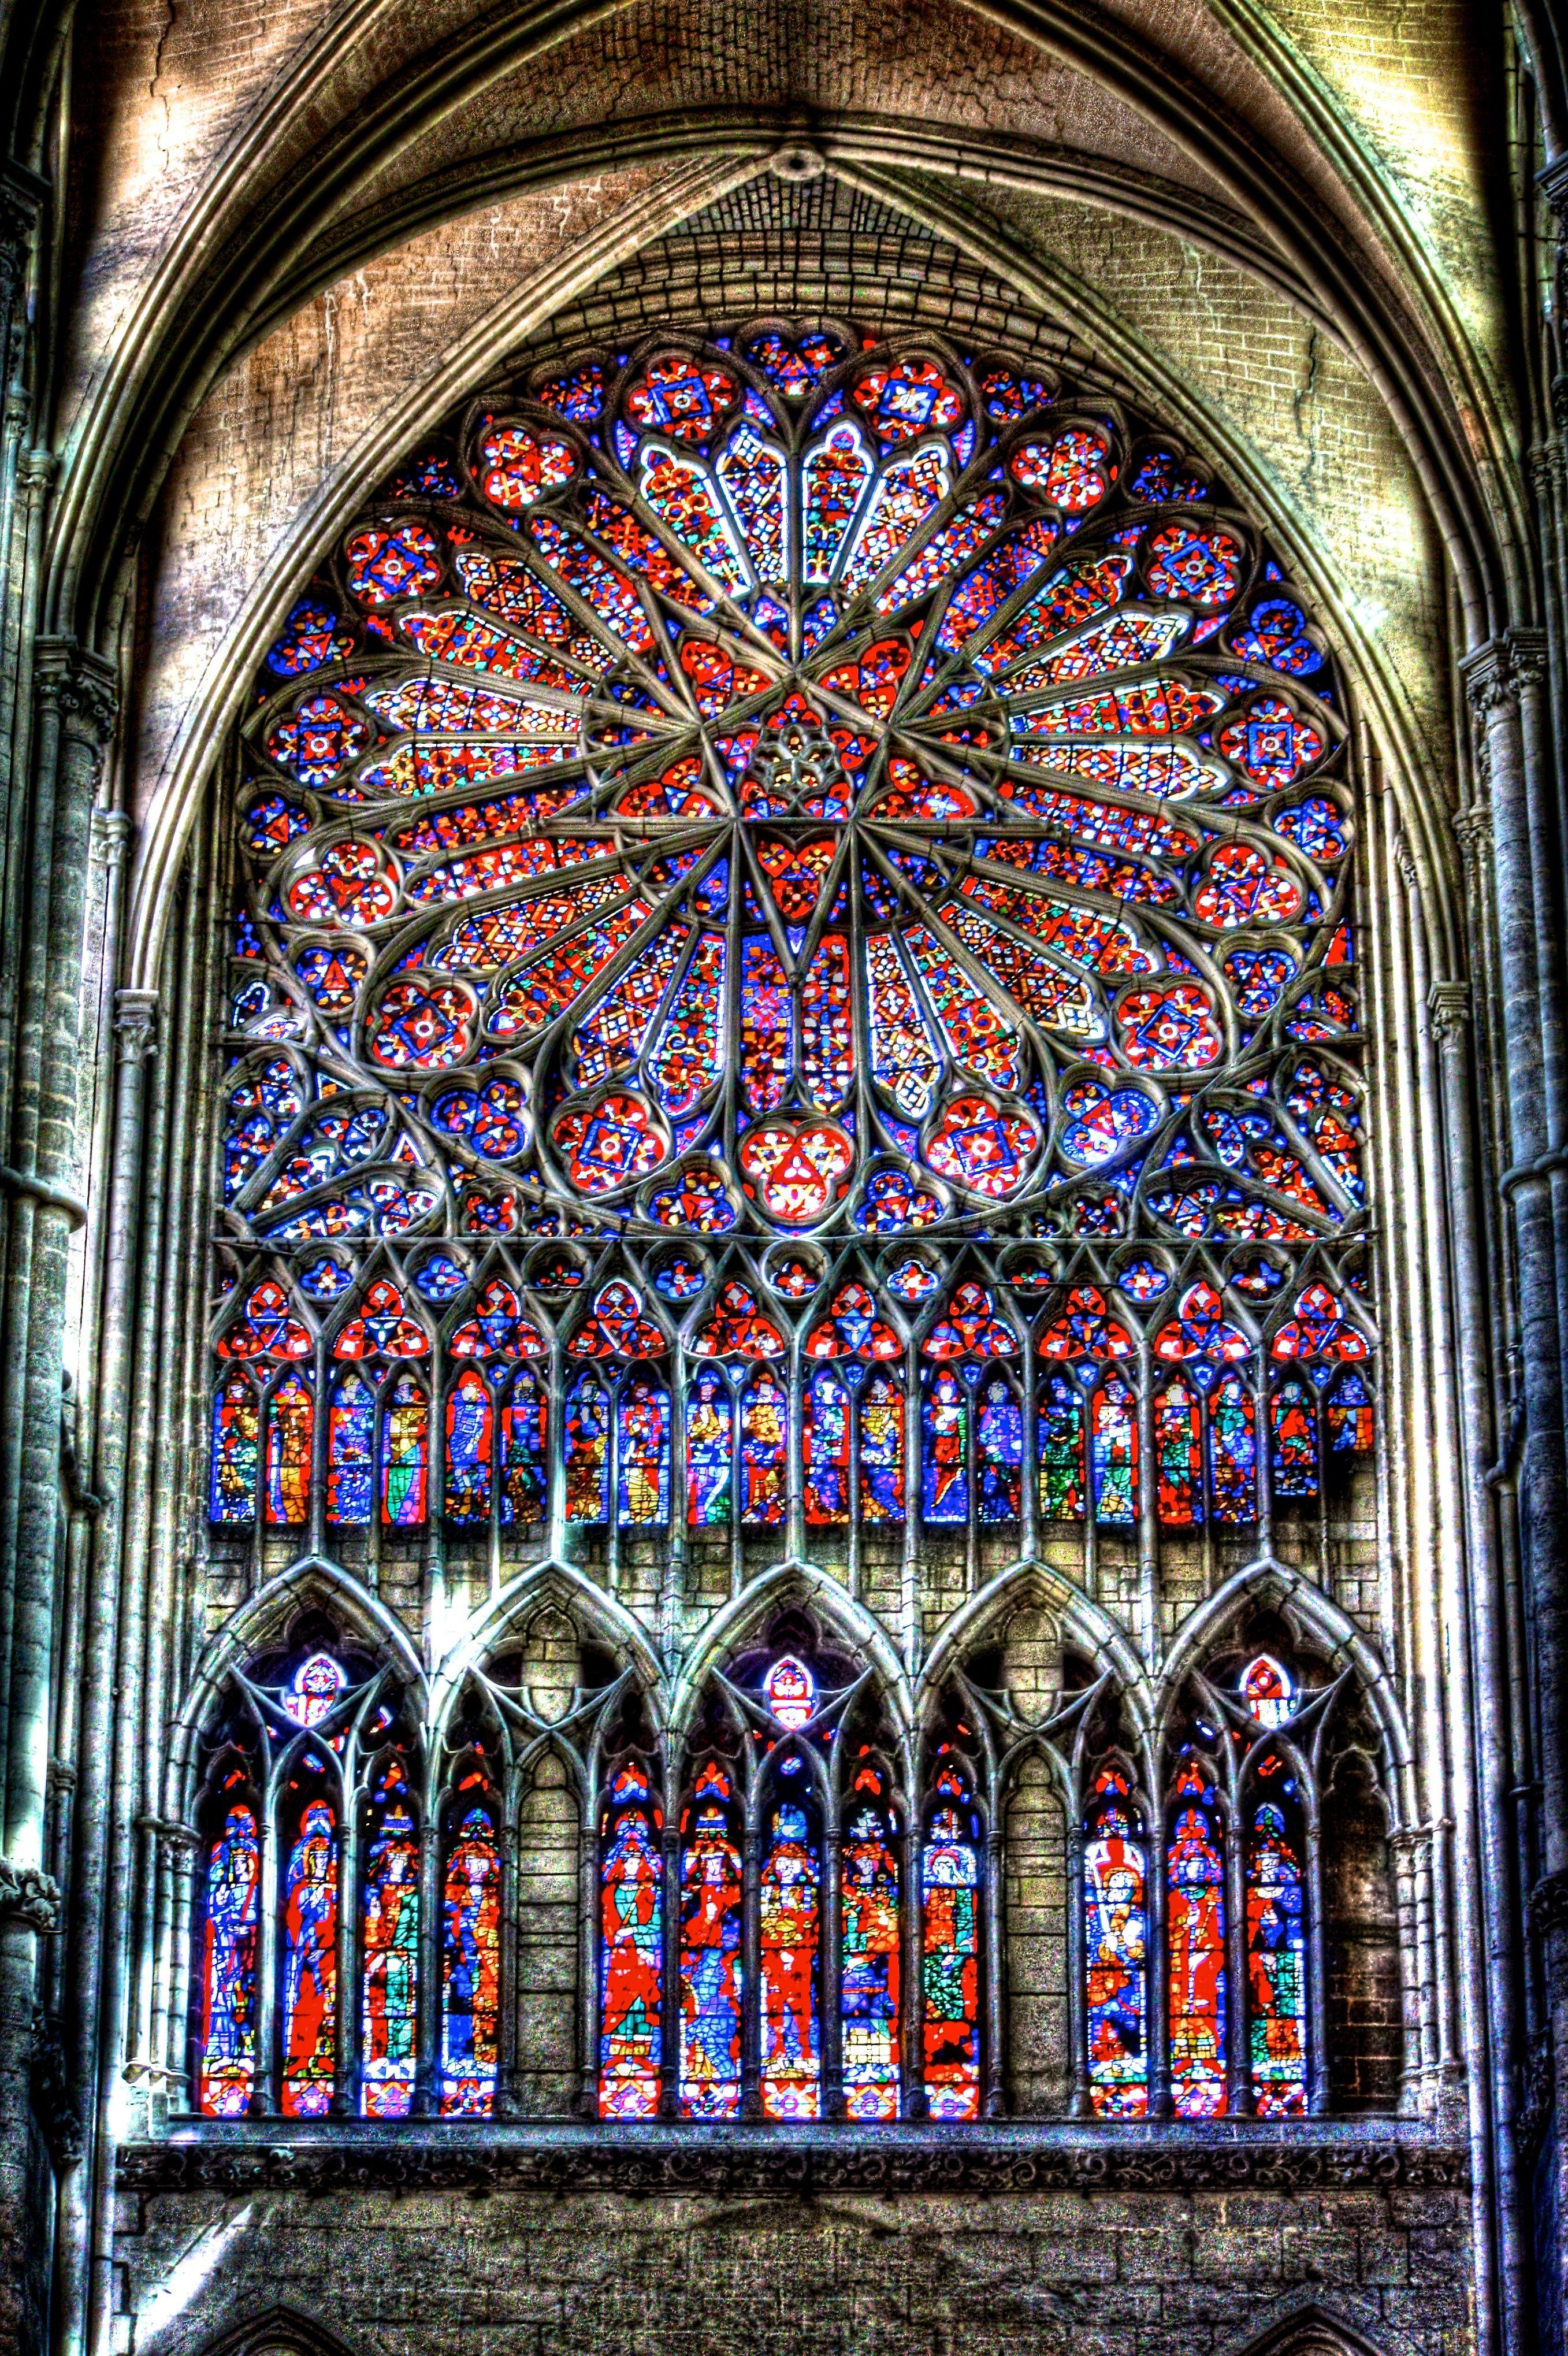 Vitrail cath drales vitraux et architecture gothique for Art gothique